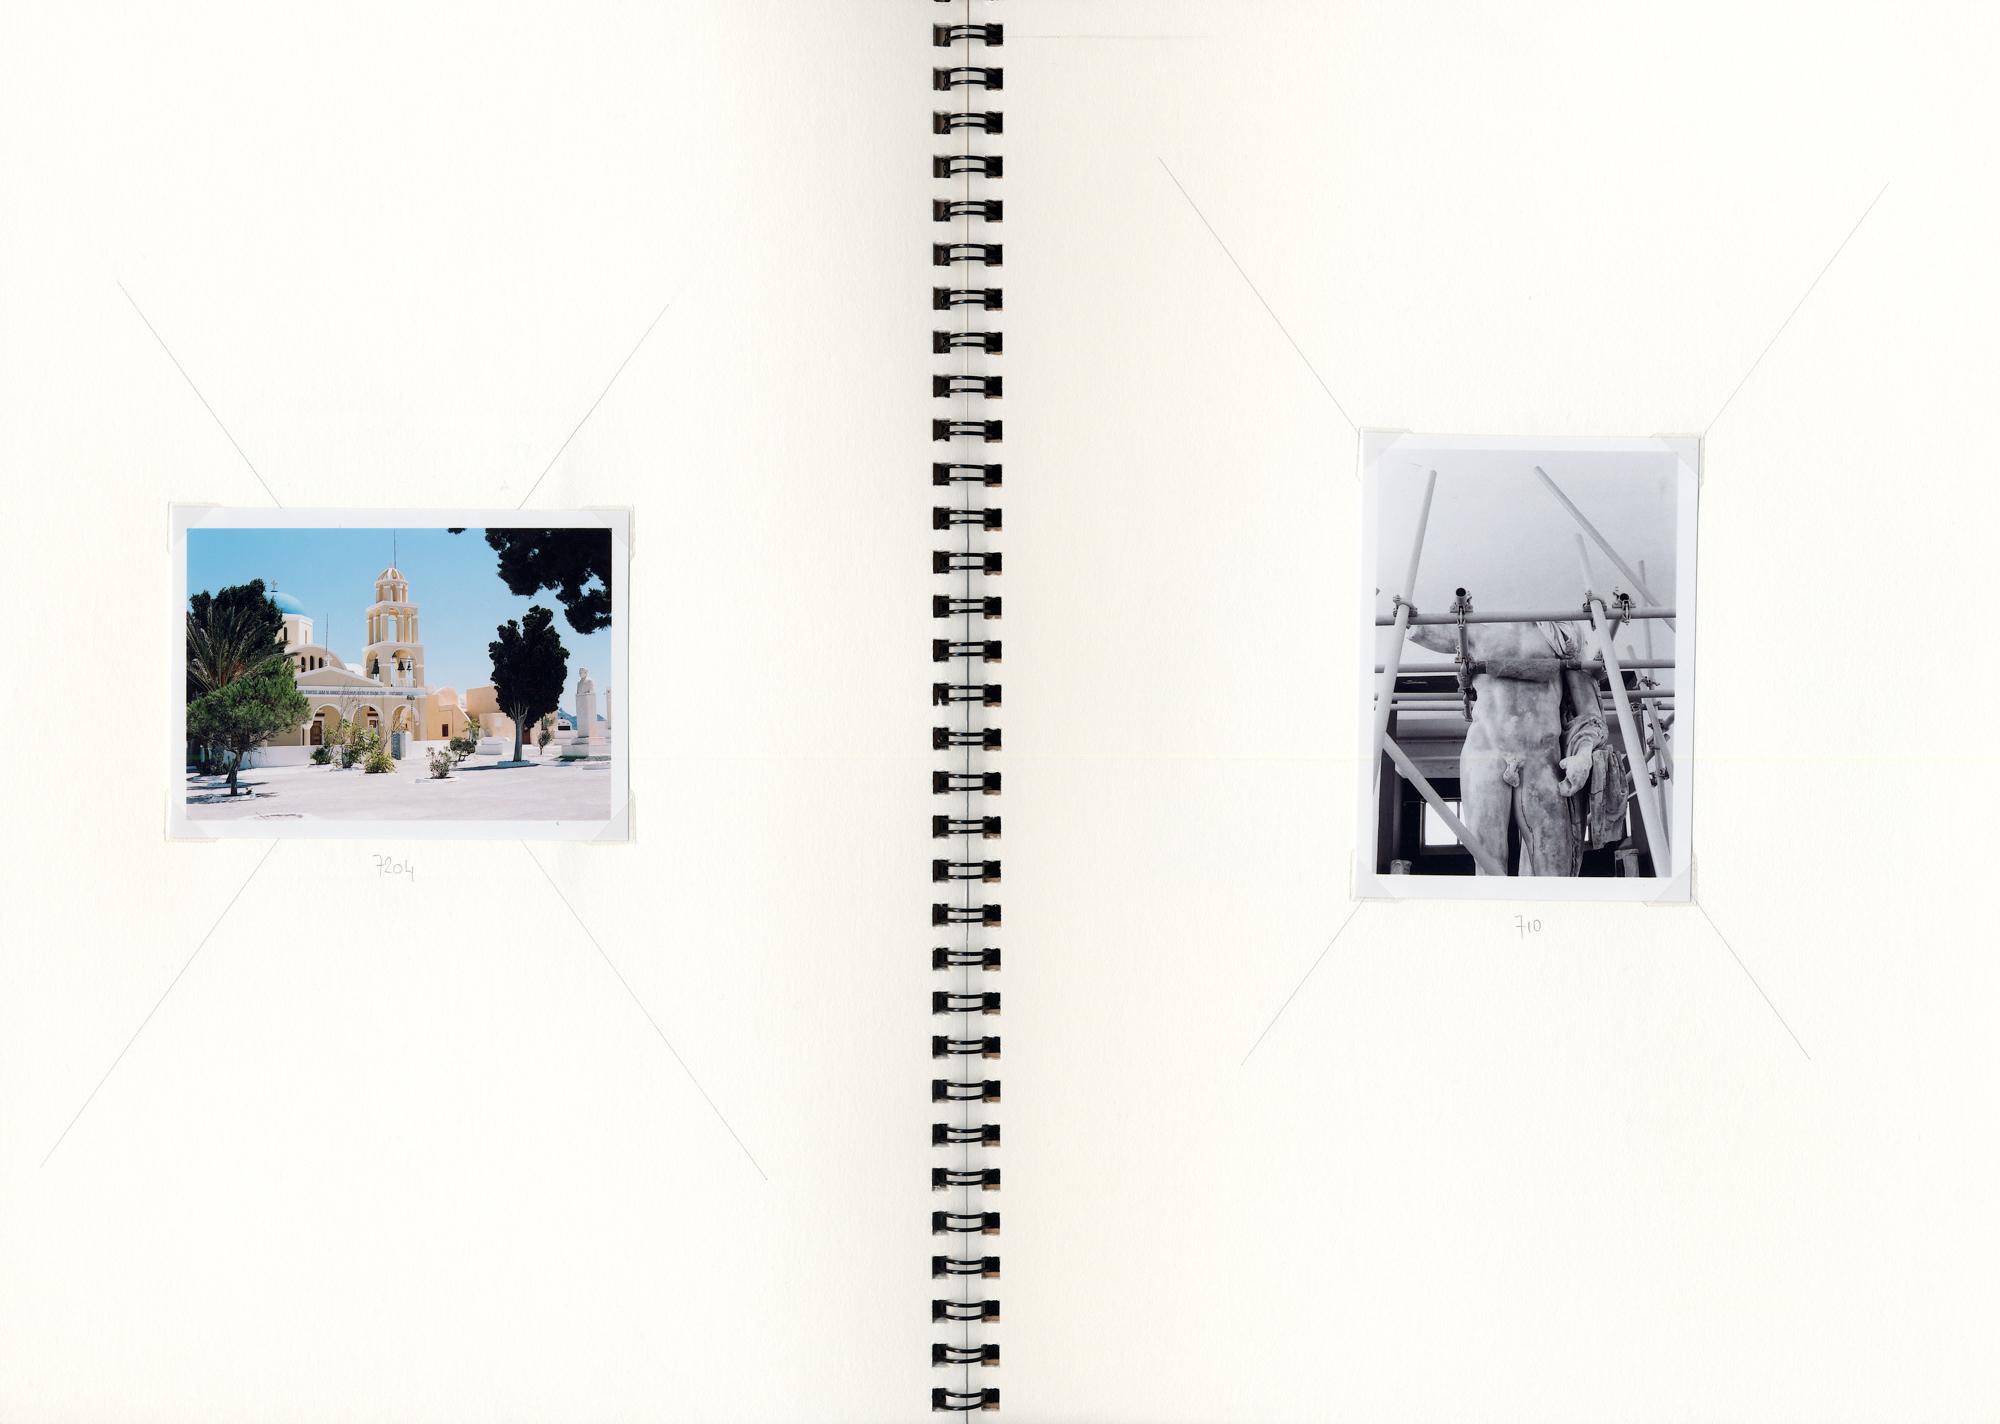 http://gianlucatamorri.com/files/gimgs/72_neverland-12.jpg